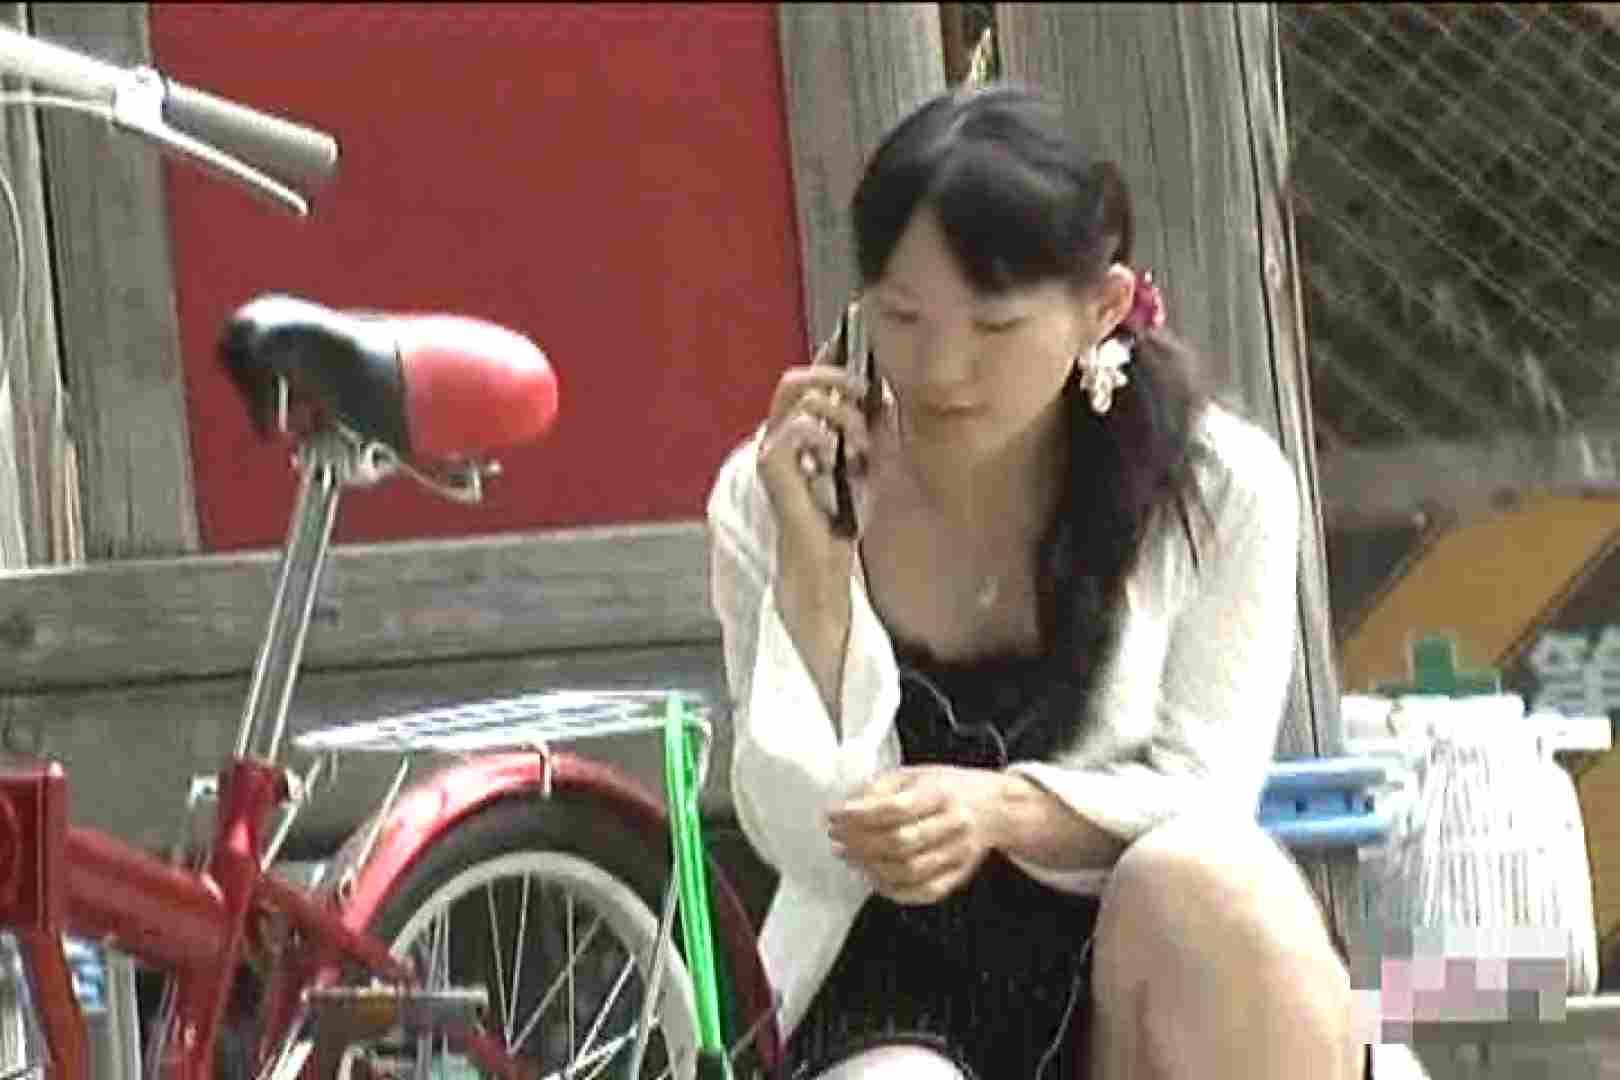 マンチラインパクトVol.7 小悪魔ギャル AV無料動画キャプチャ 79連発 17